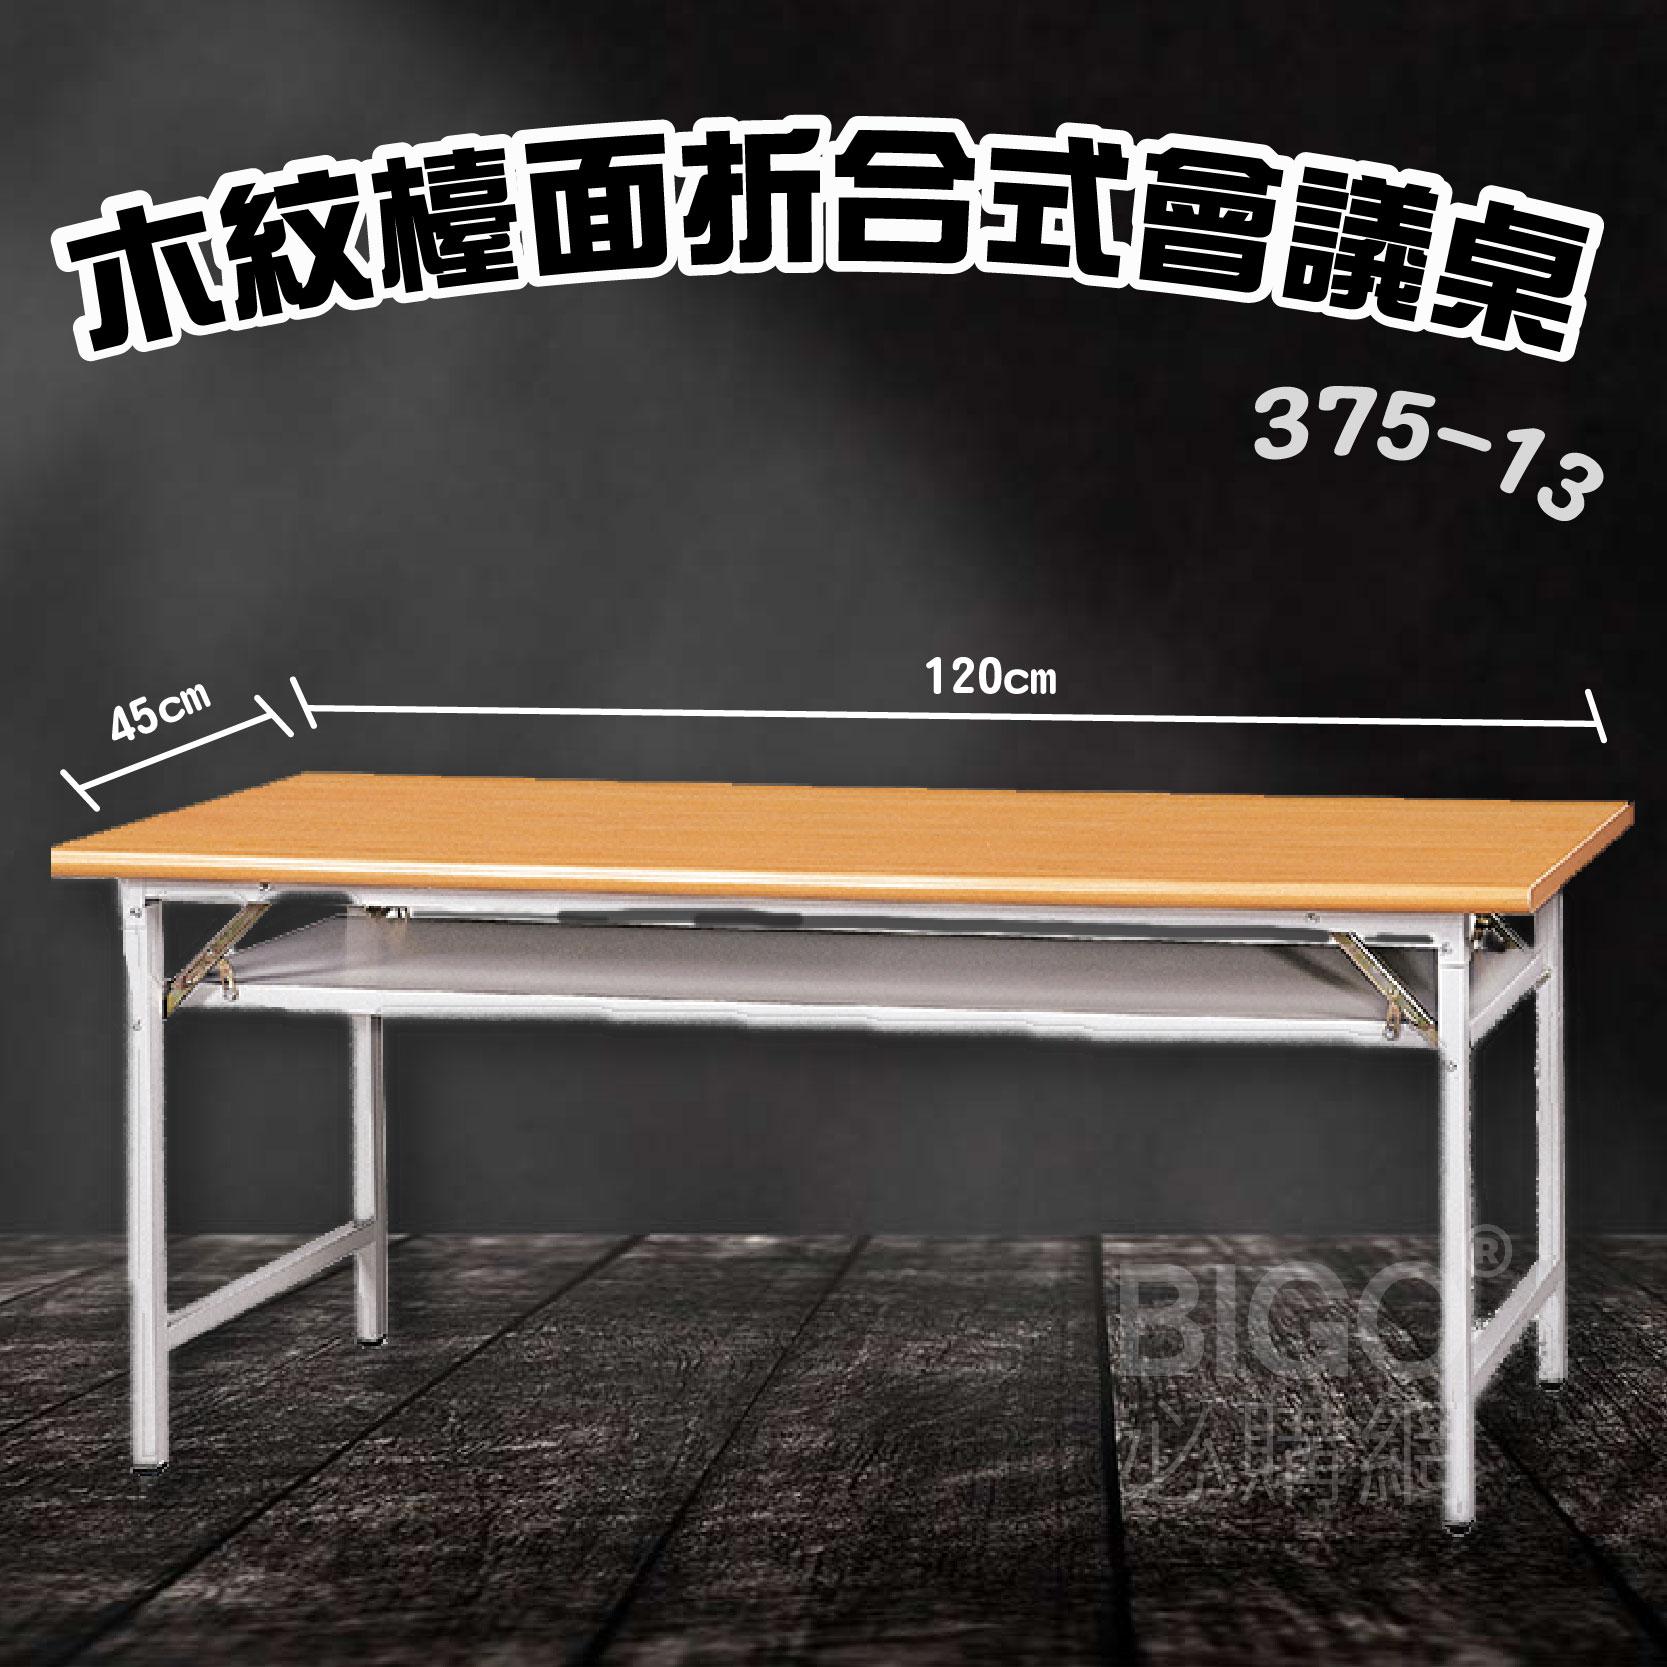 簡單 實用 木紋檯面 折合式 會議桌 375-13 辦公桌 大桌面 公司 開會 可收合 辦公室 活動桌 電腦桌 學校